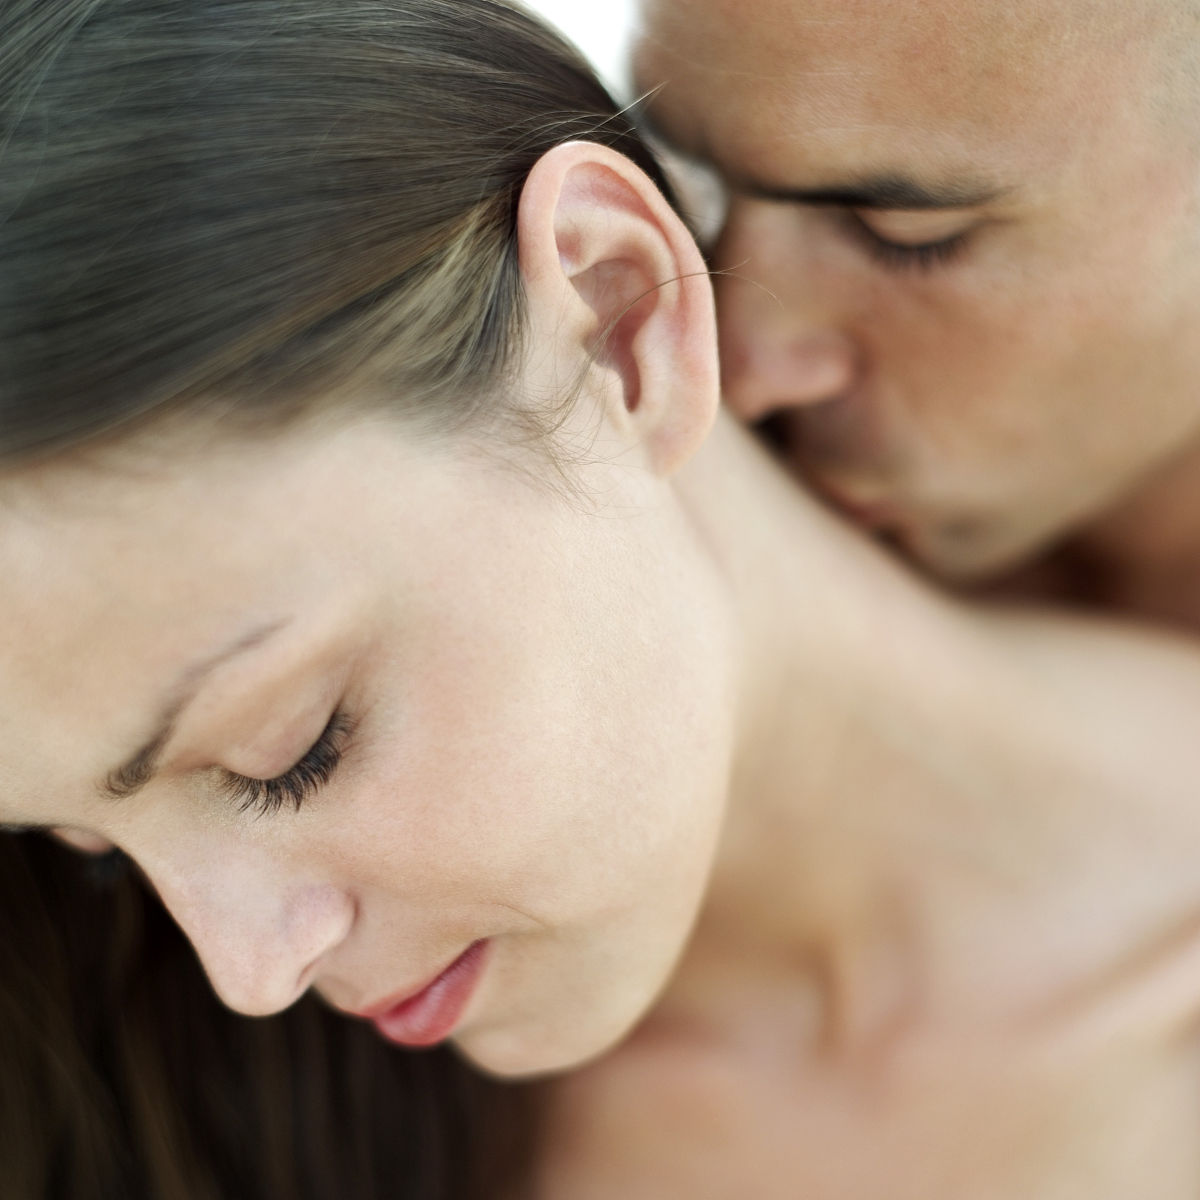 一个年轻人亲吻一个女人的脖子图片